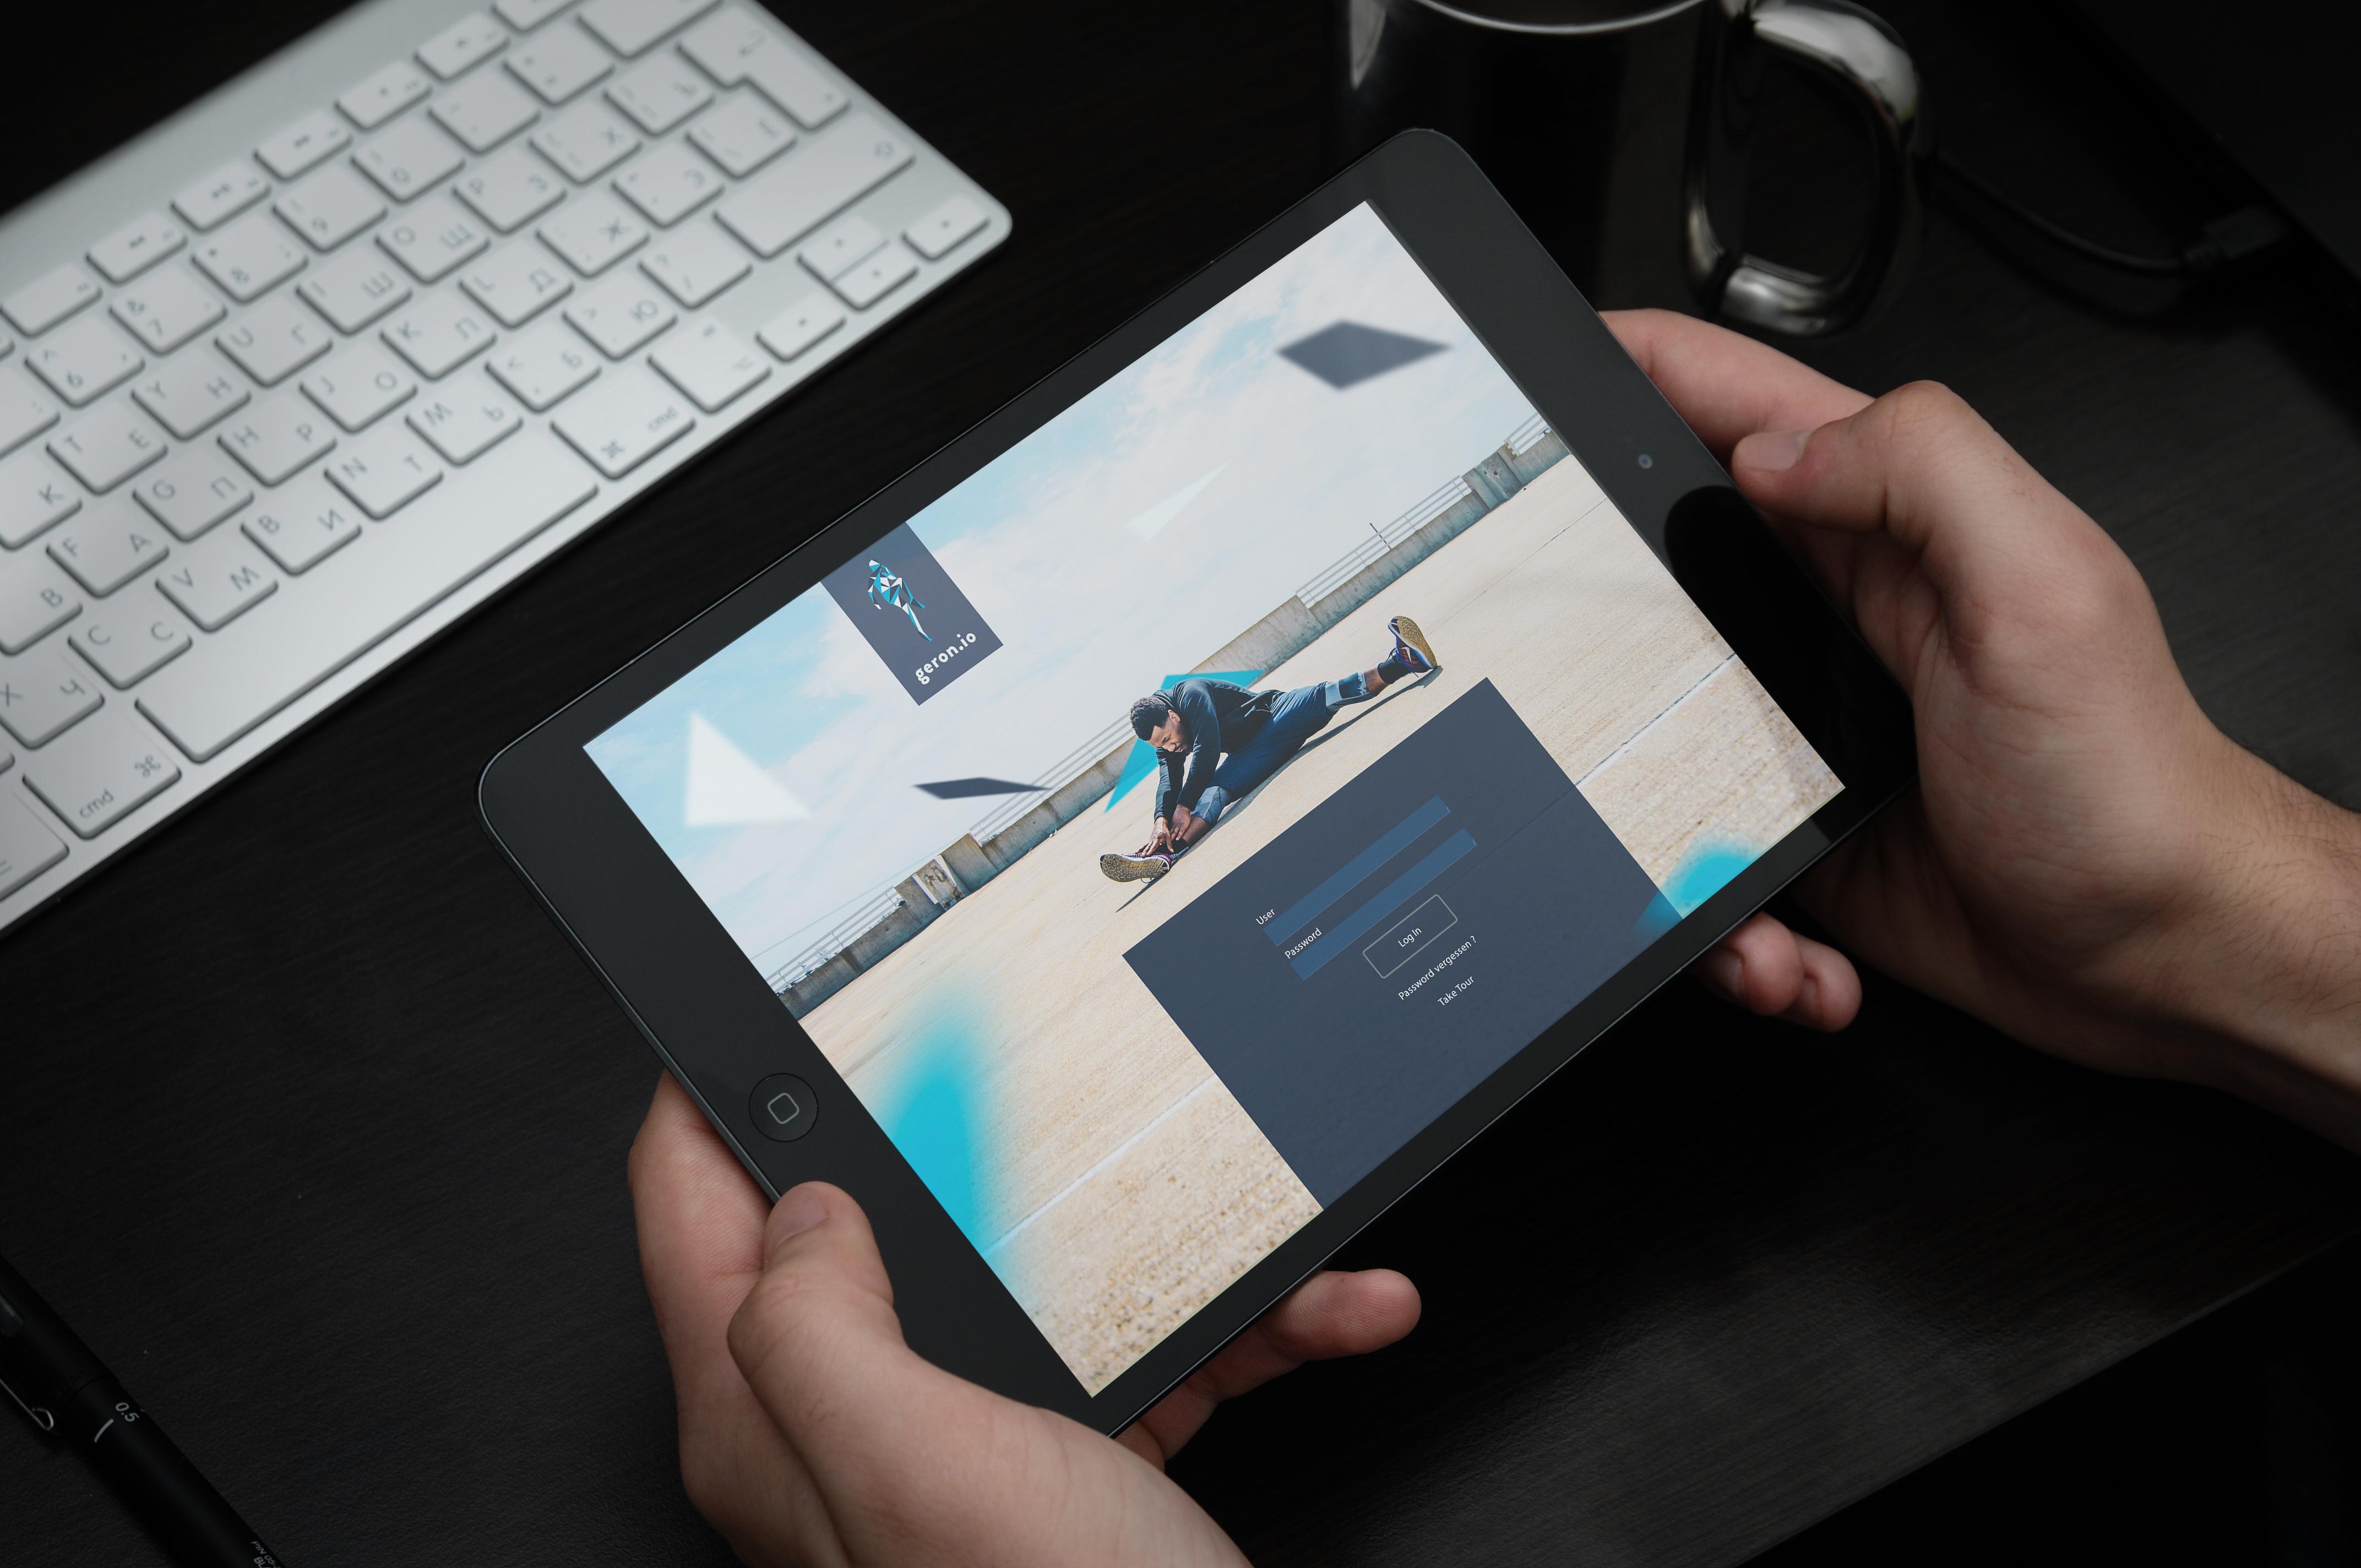 iPad in hands